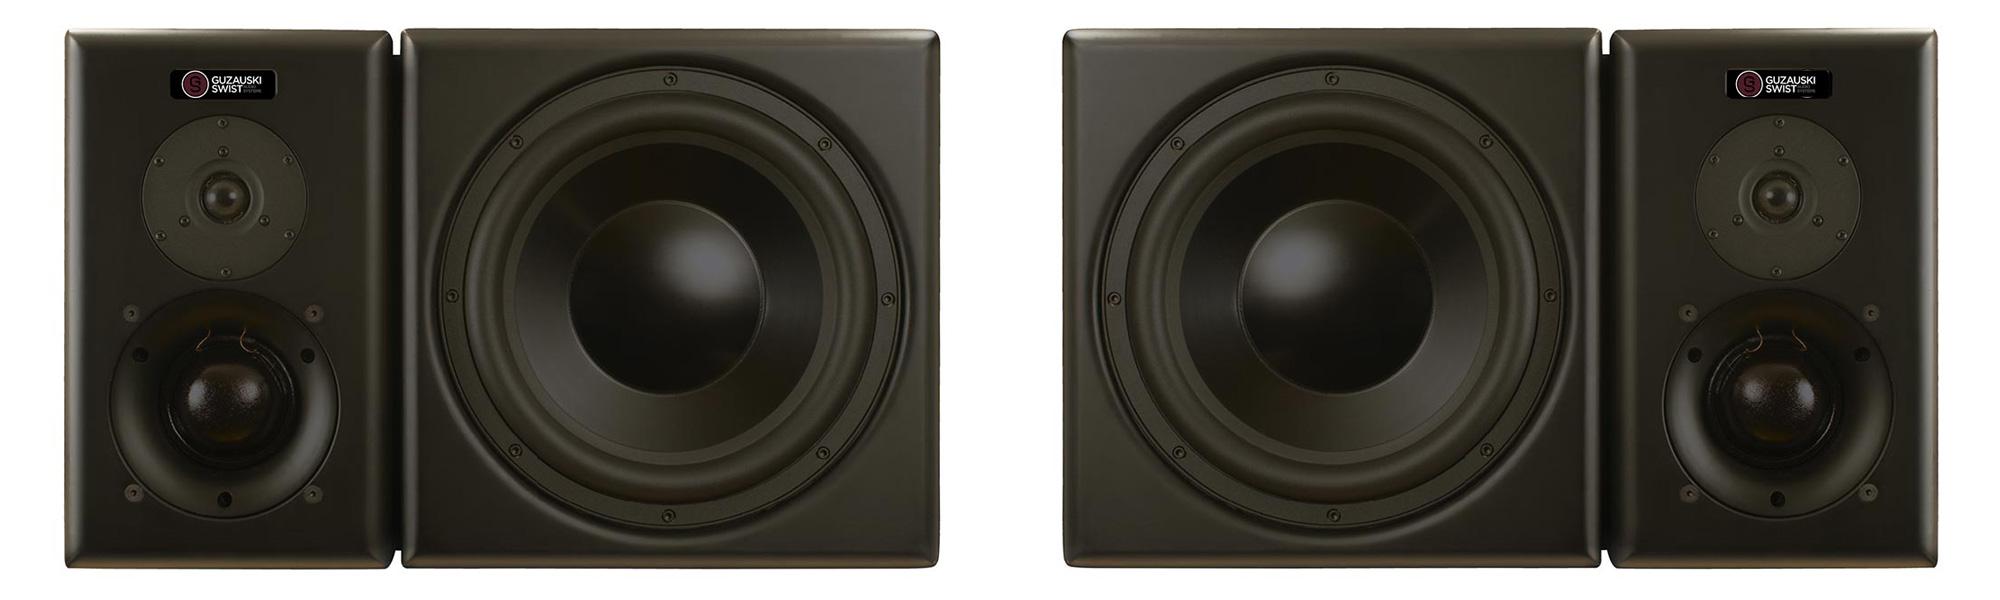 GS-Speaker